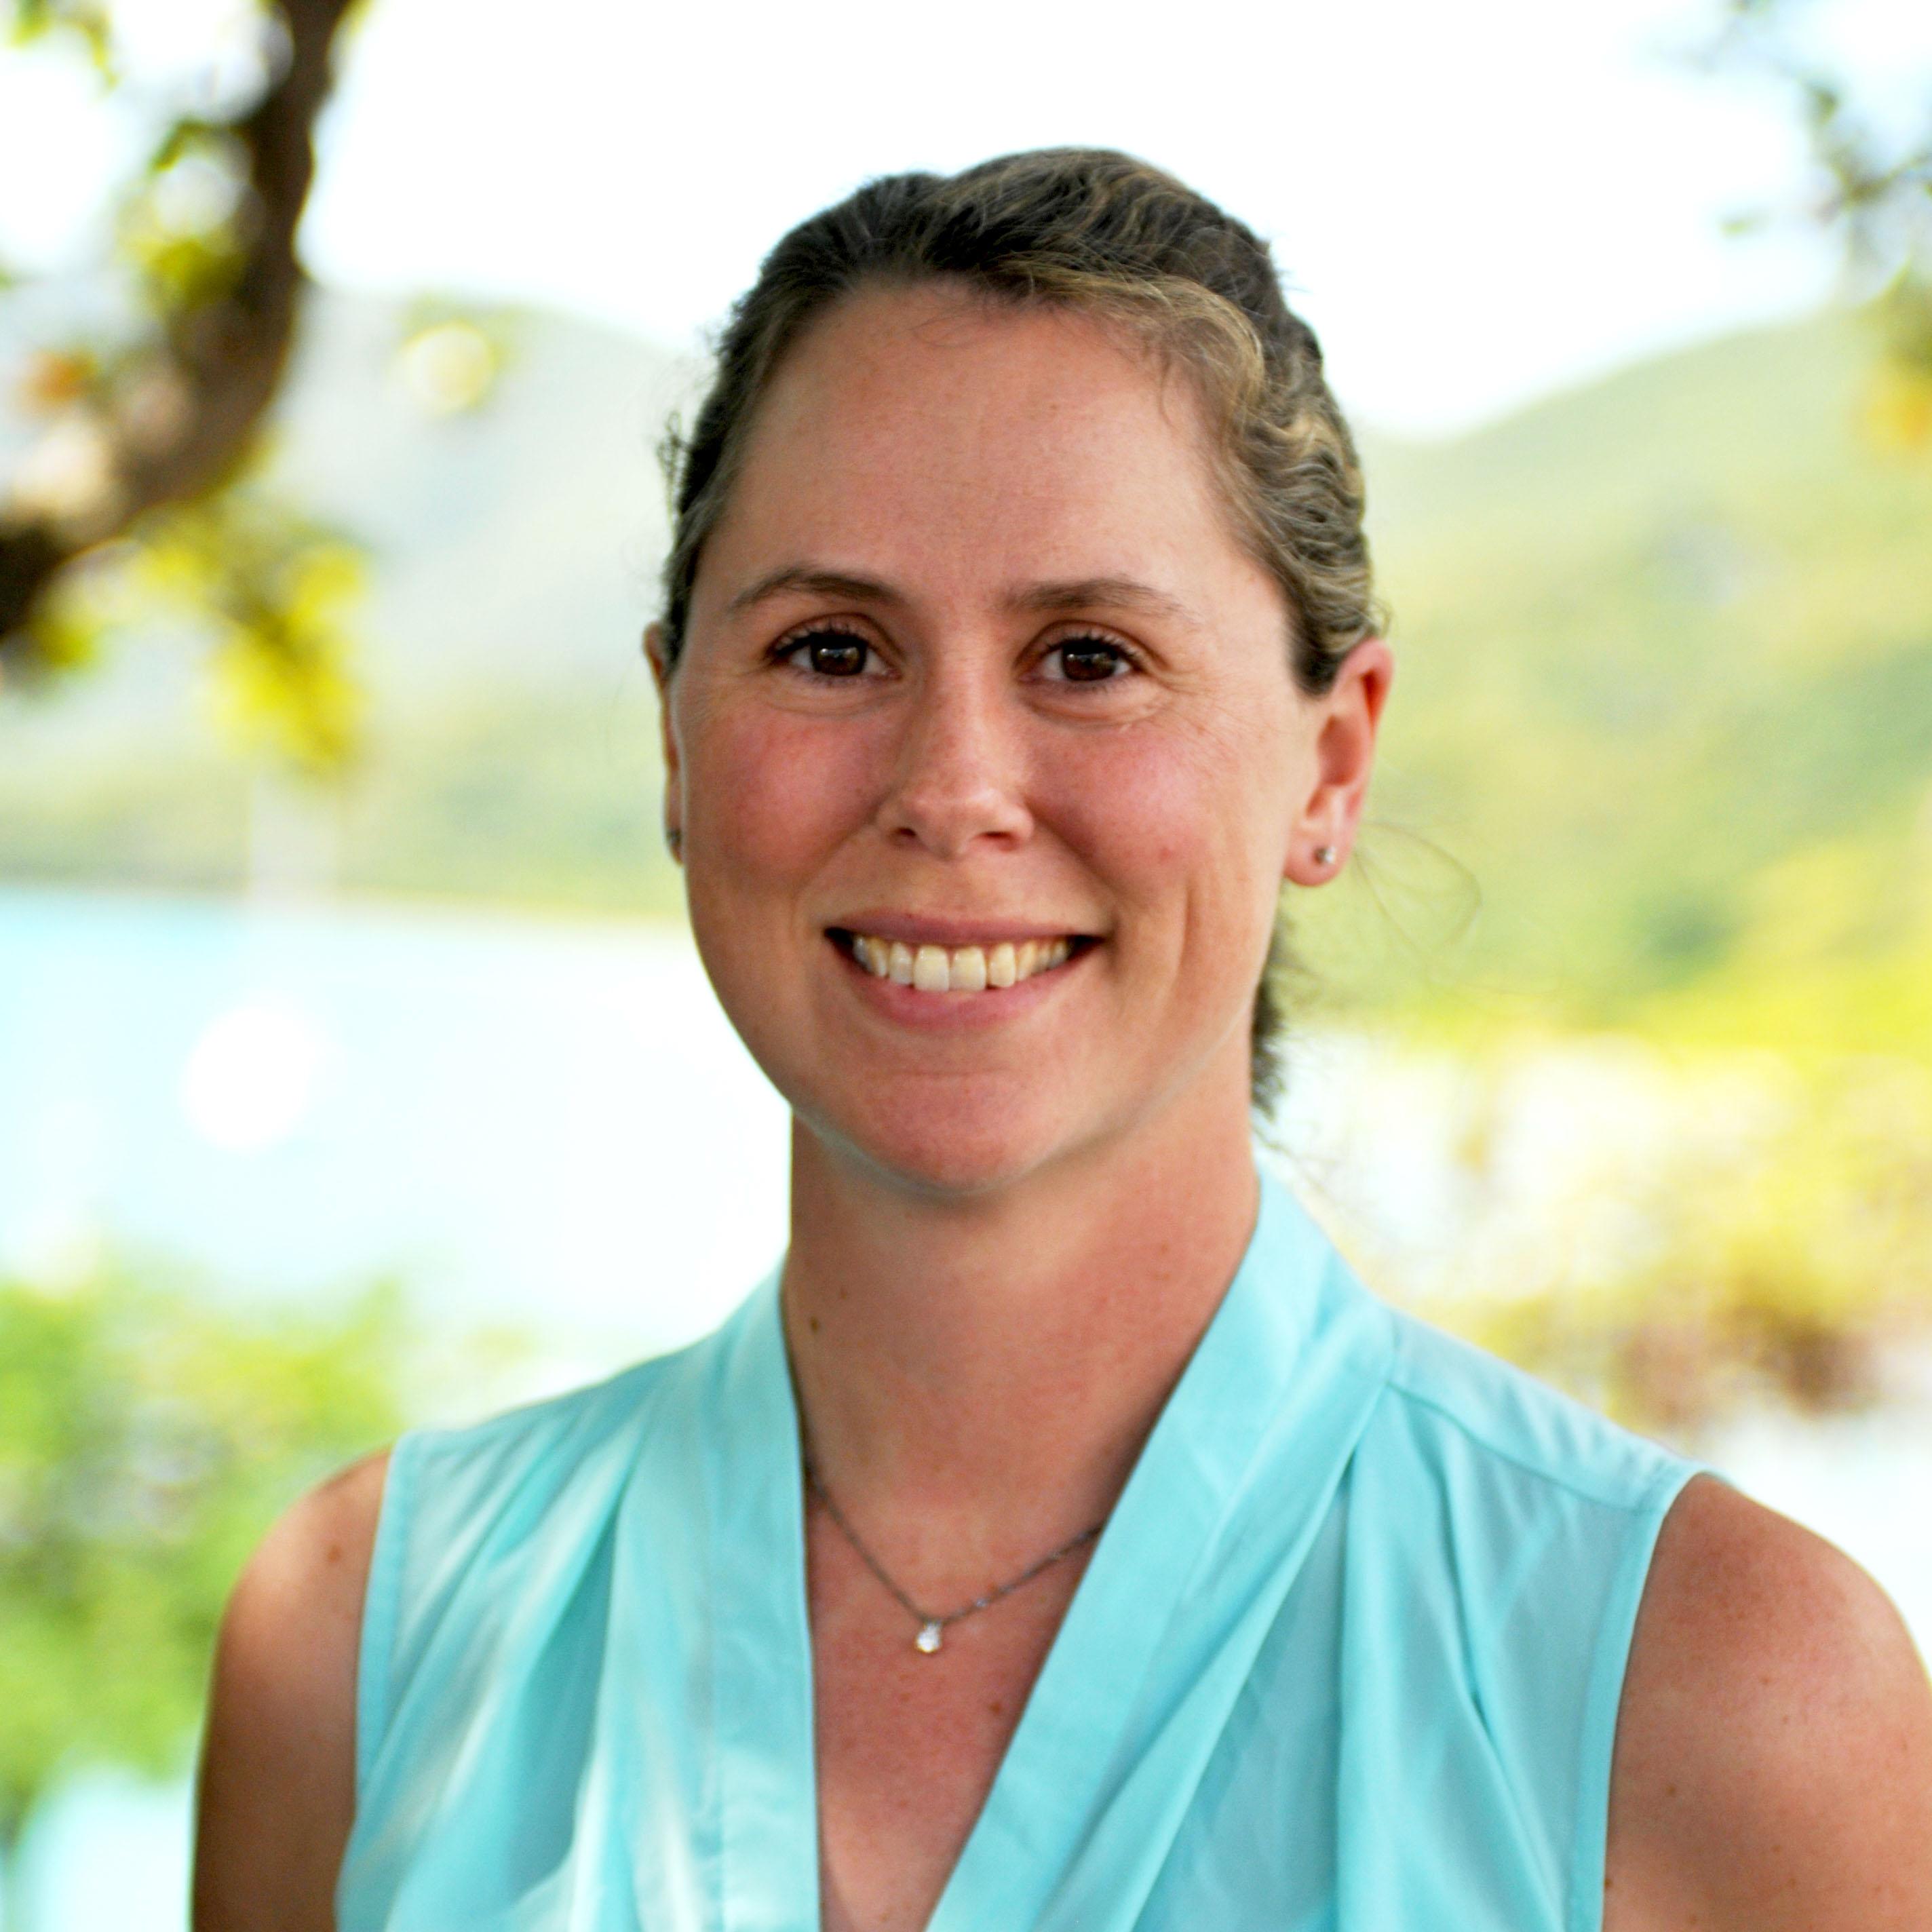 Dr. Marilyn Brandt